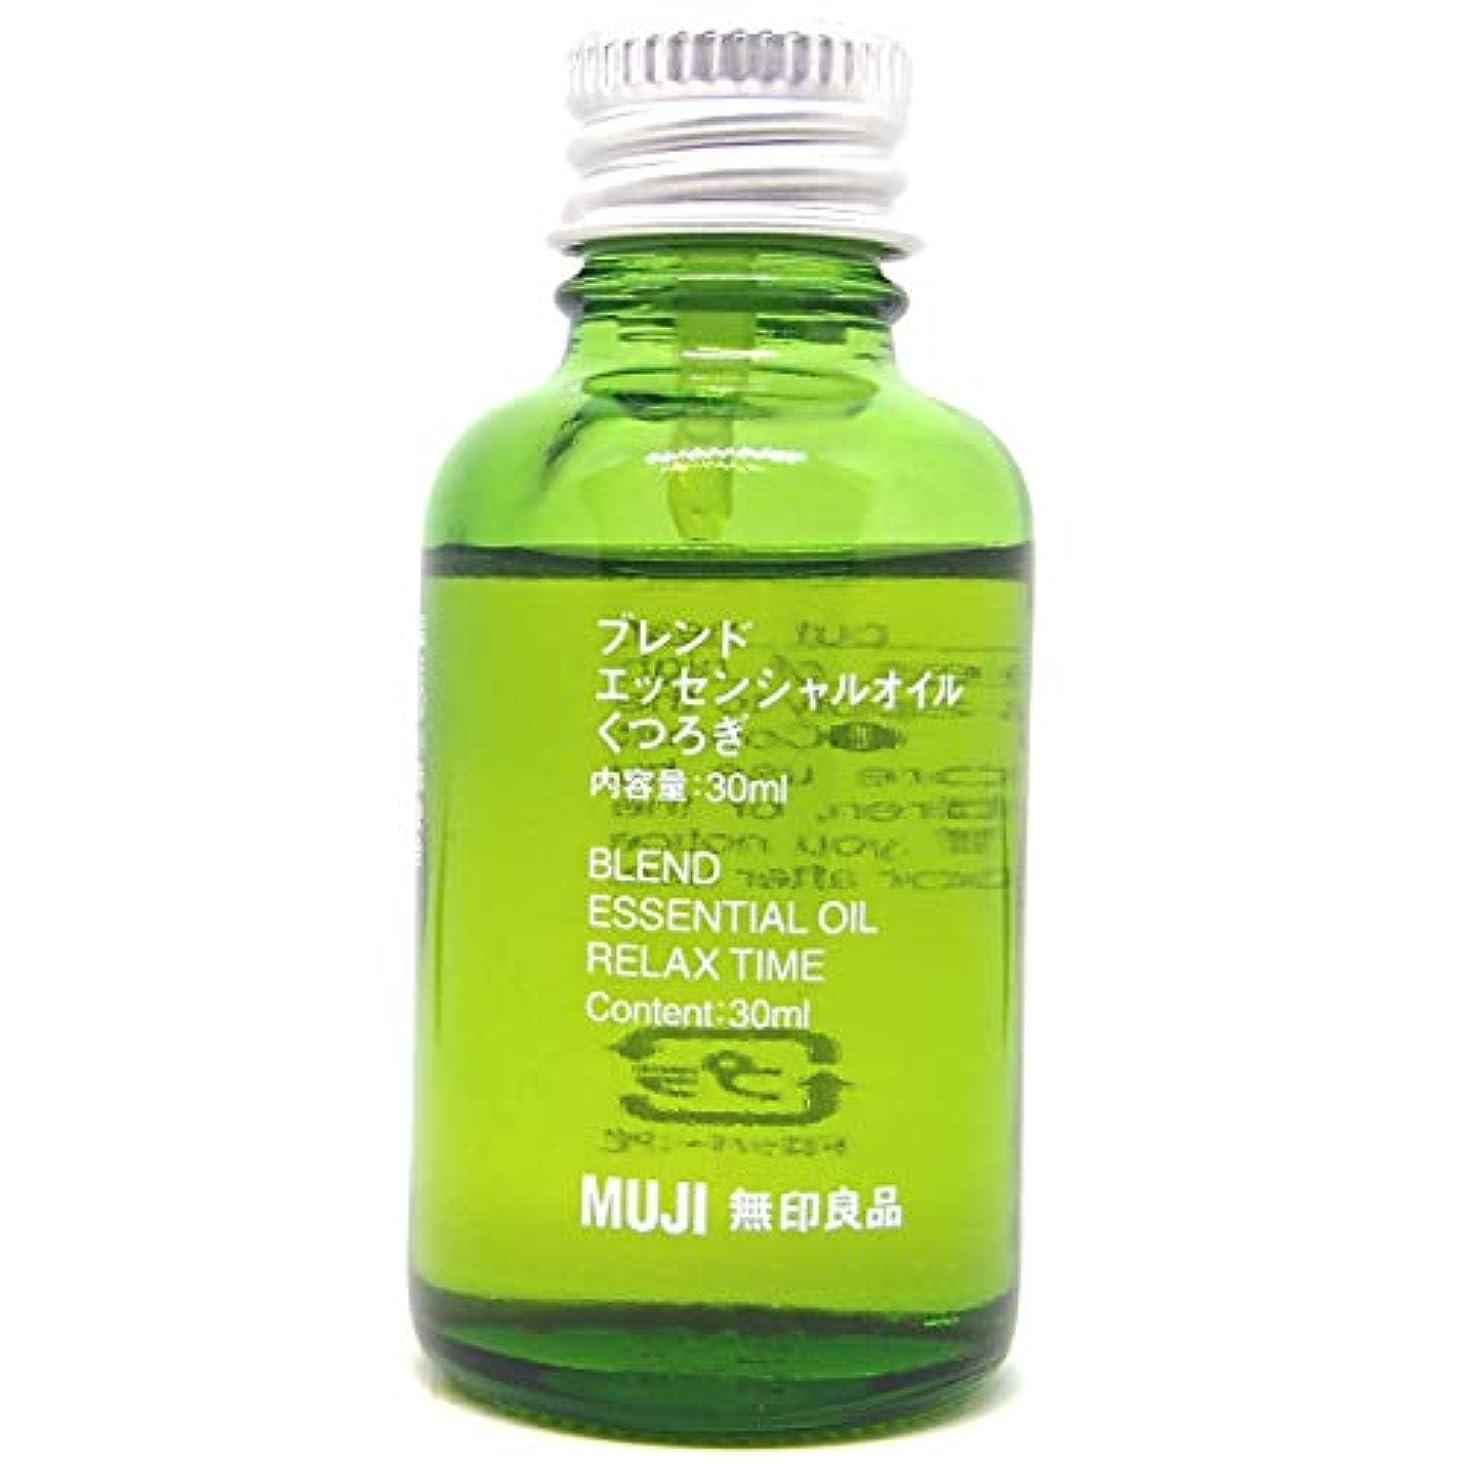 ヘッジ指標刈る【無印良品】エッセンシャルオイル30ml(くつろぎ)